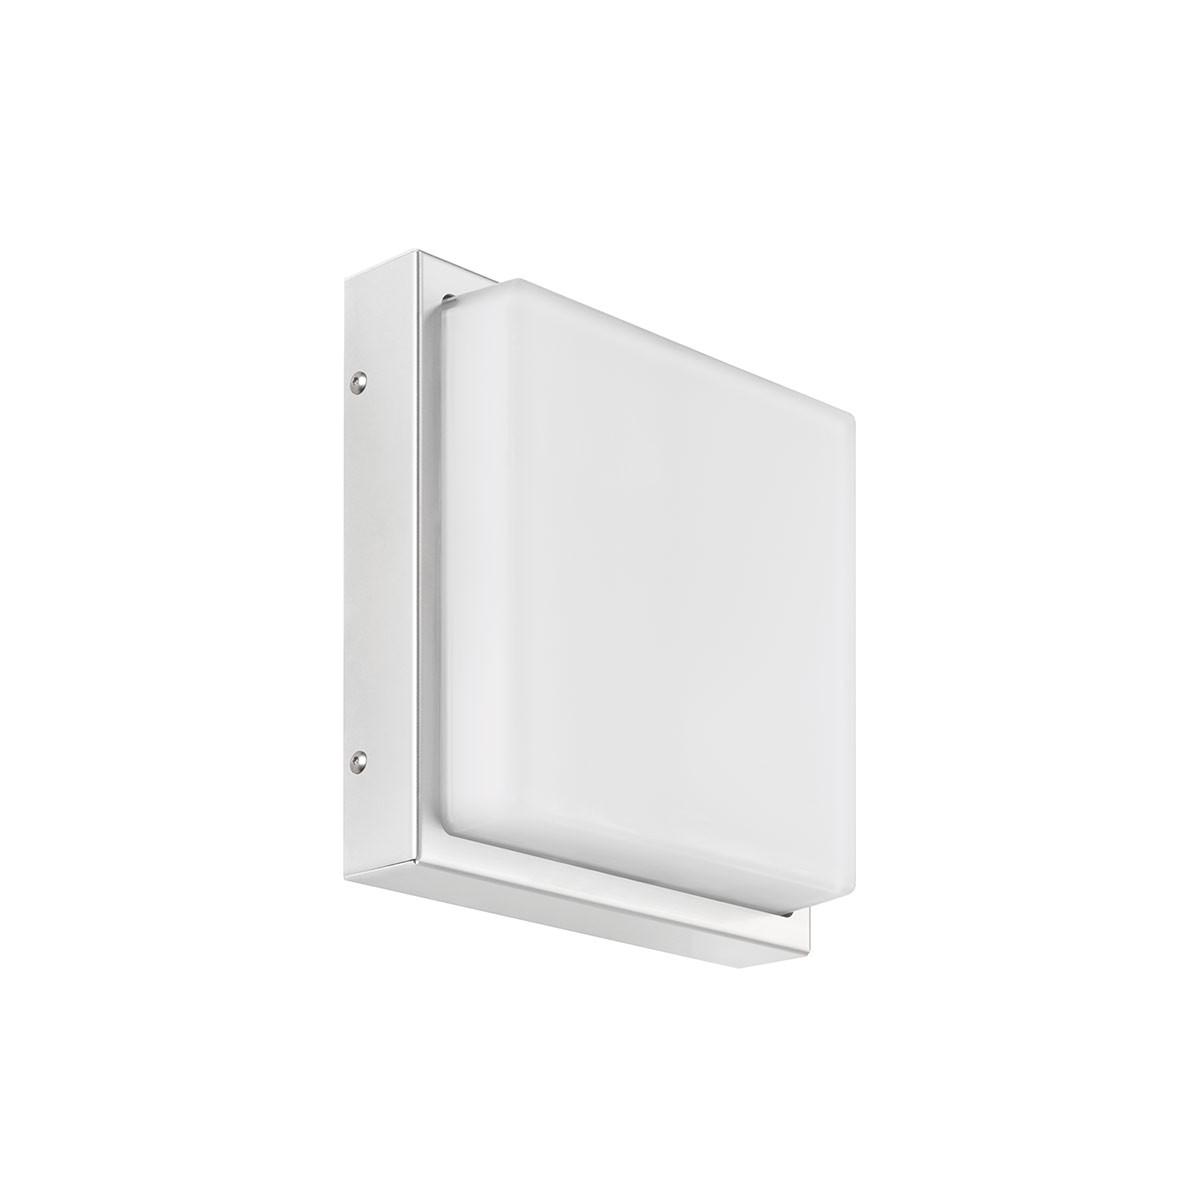 LCD Außenleuchten 046 Wandleuchte LED, Edelstahl, ohne Bewegungsmelder